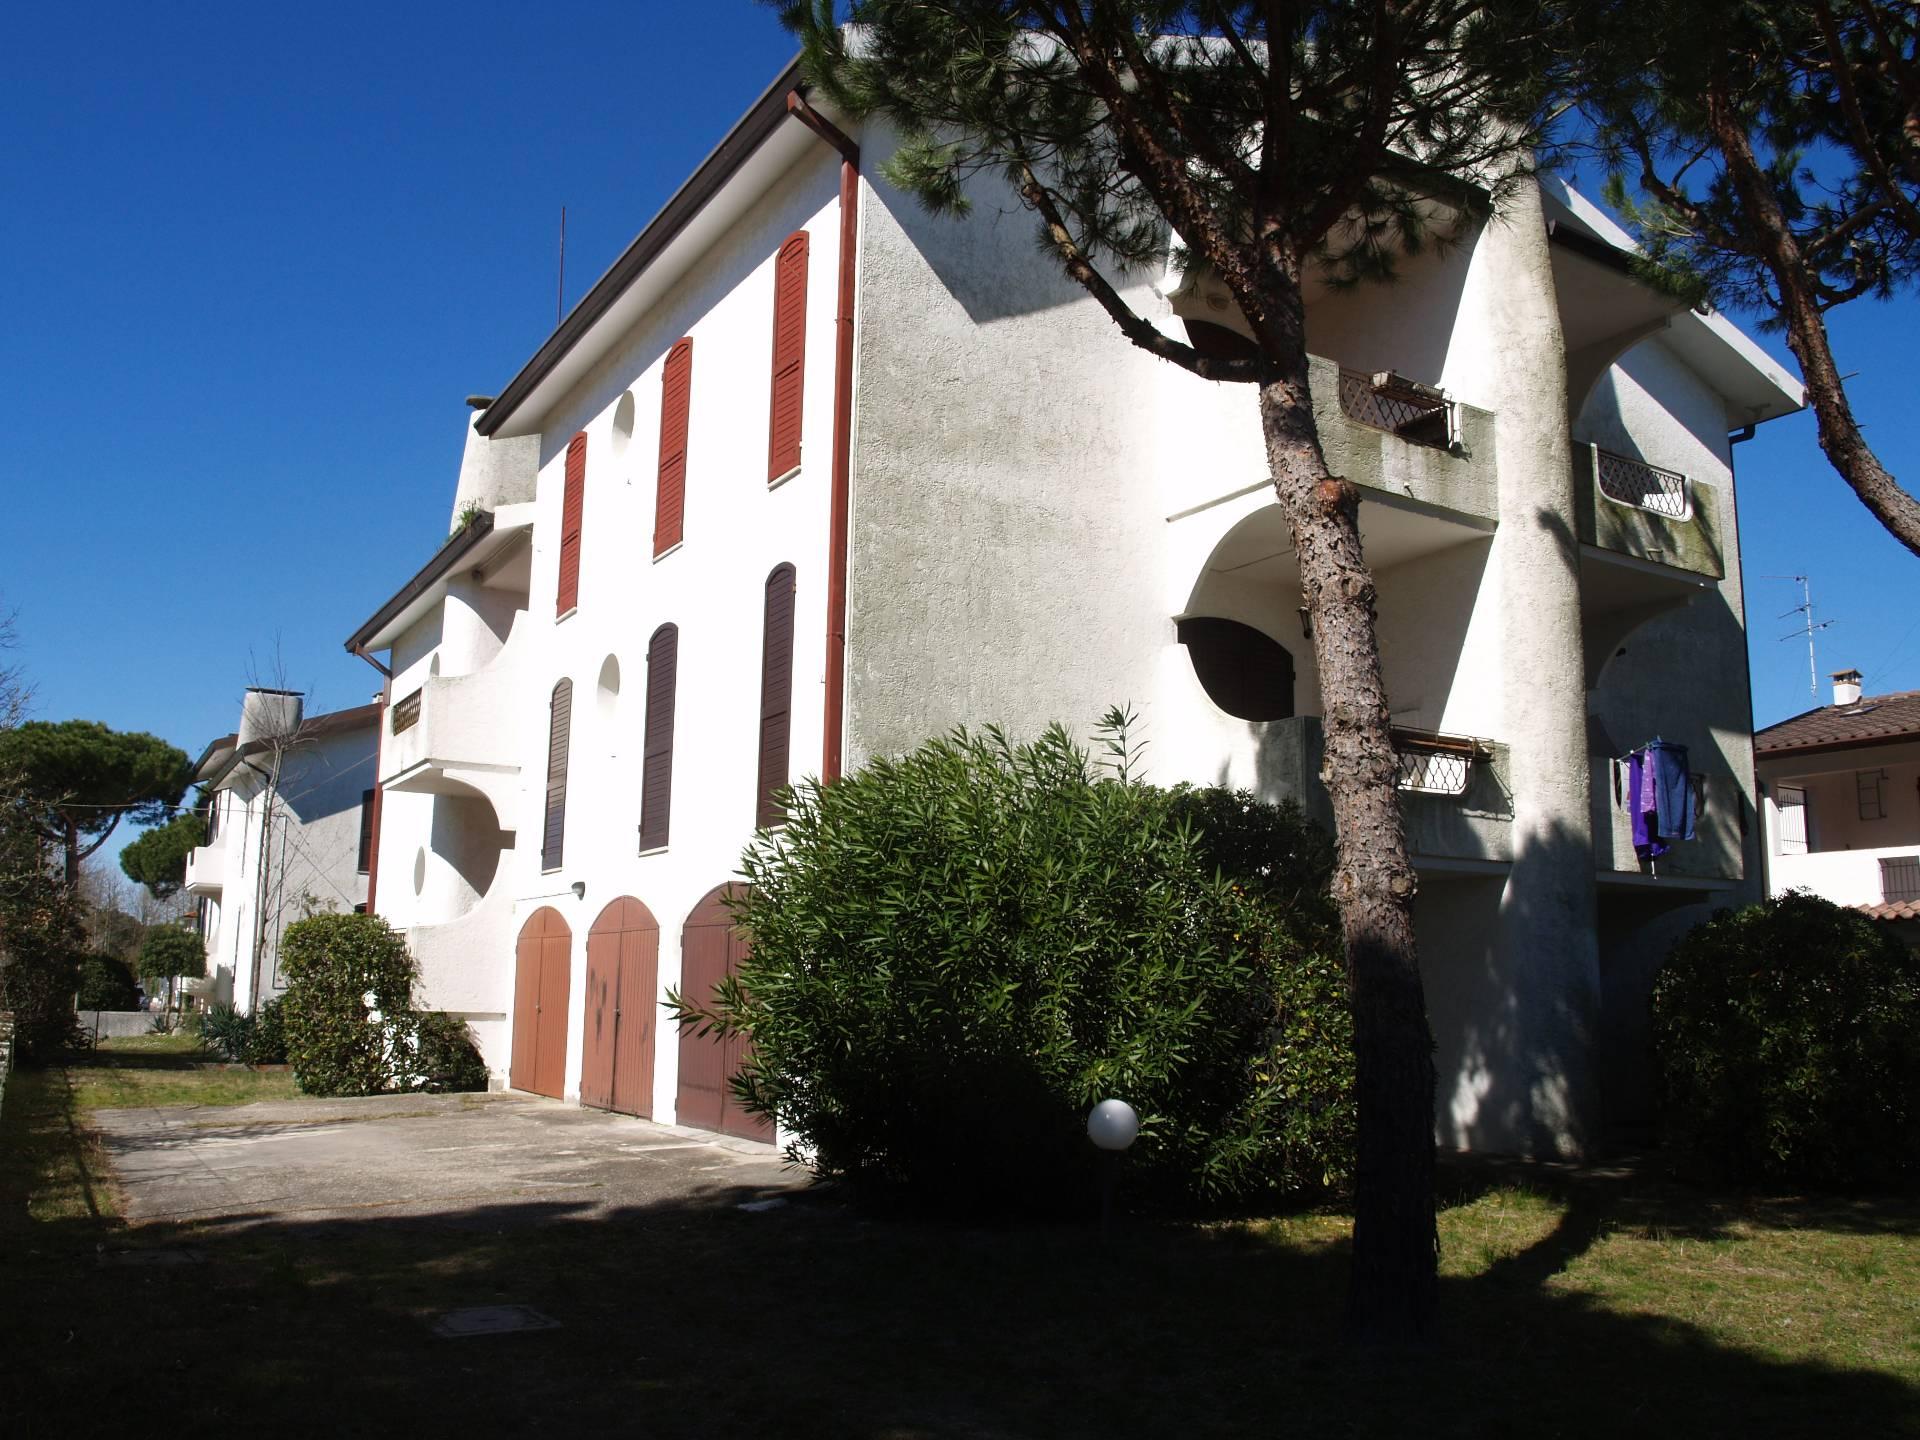 Appartamento in vendita a Comacchio, 4 locali, zona Località: LidodelleNazioni, prezzo € 85.000 | CambioCasa.it